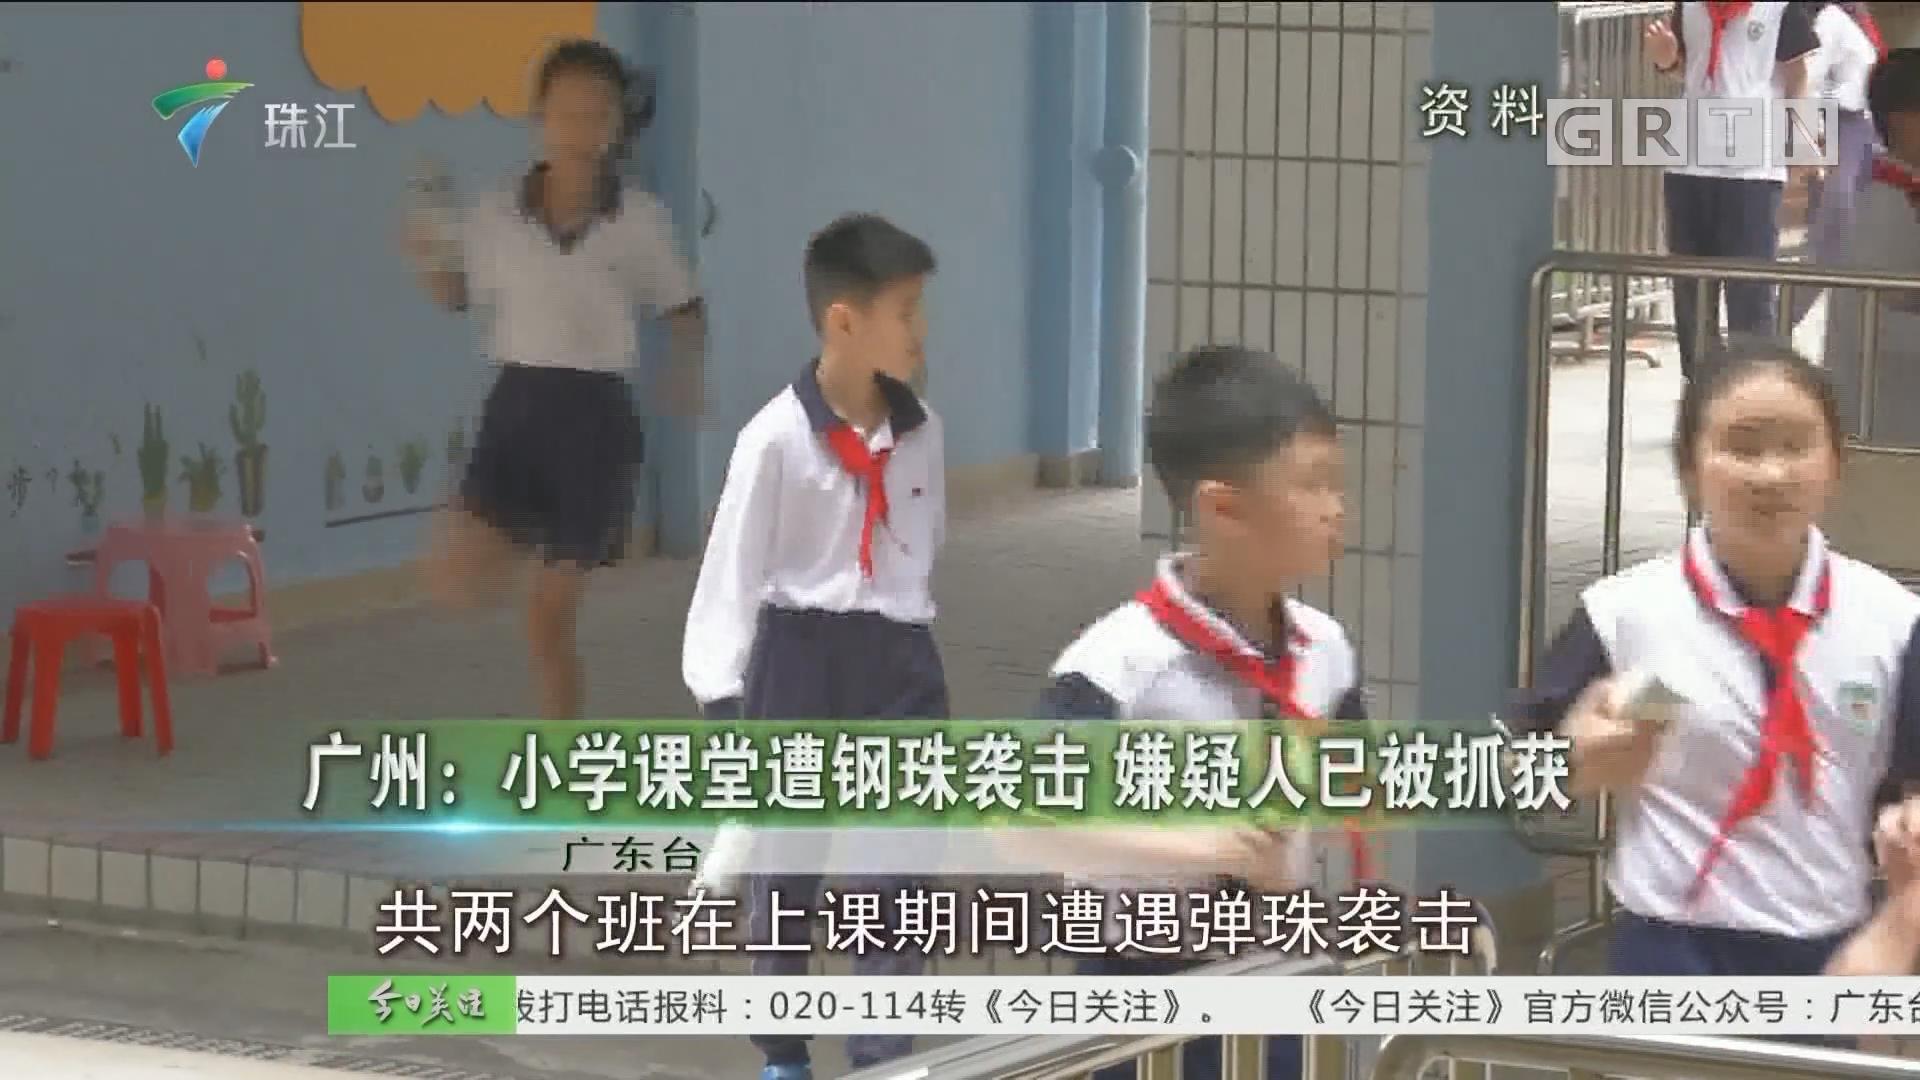 广州:小学课堂遭钢珠袭击 嫌疑人已被抓获